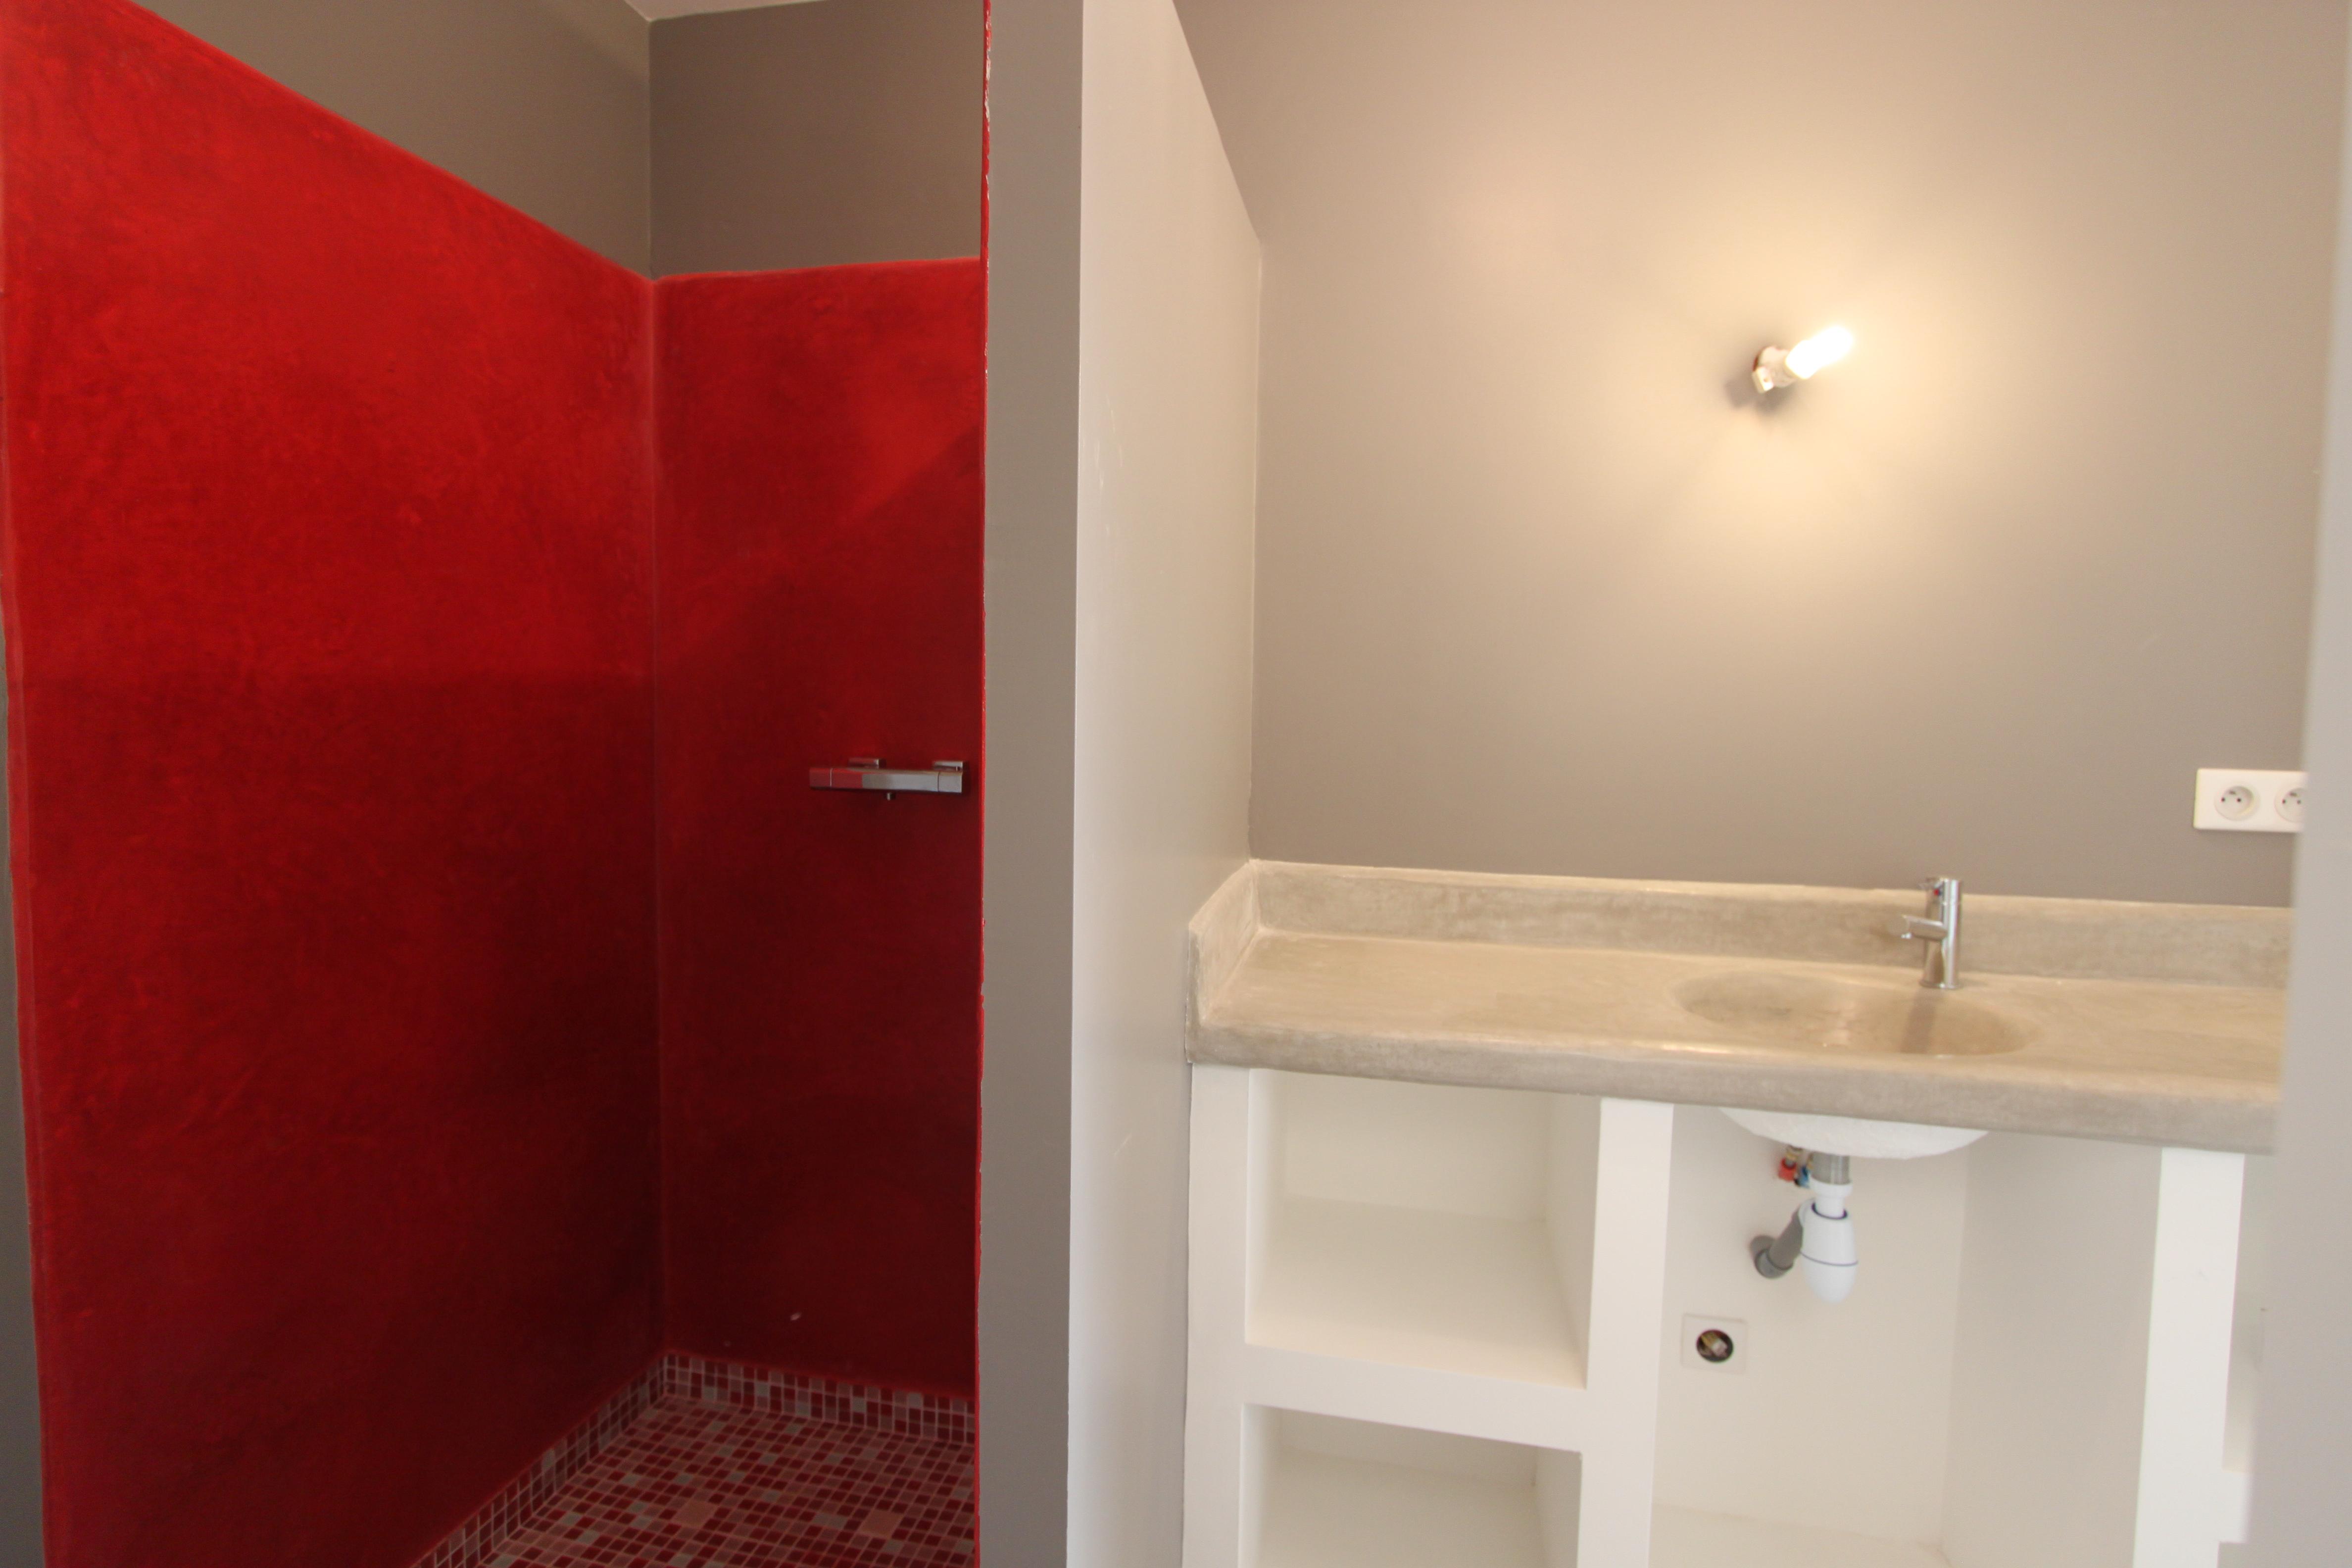 Salle de bain avec douche l italienne et vasque en for Modele de salle de bain de 4m2